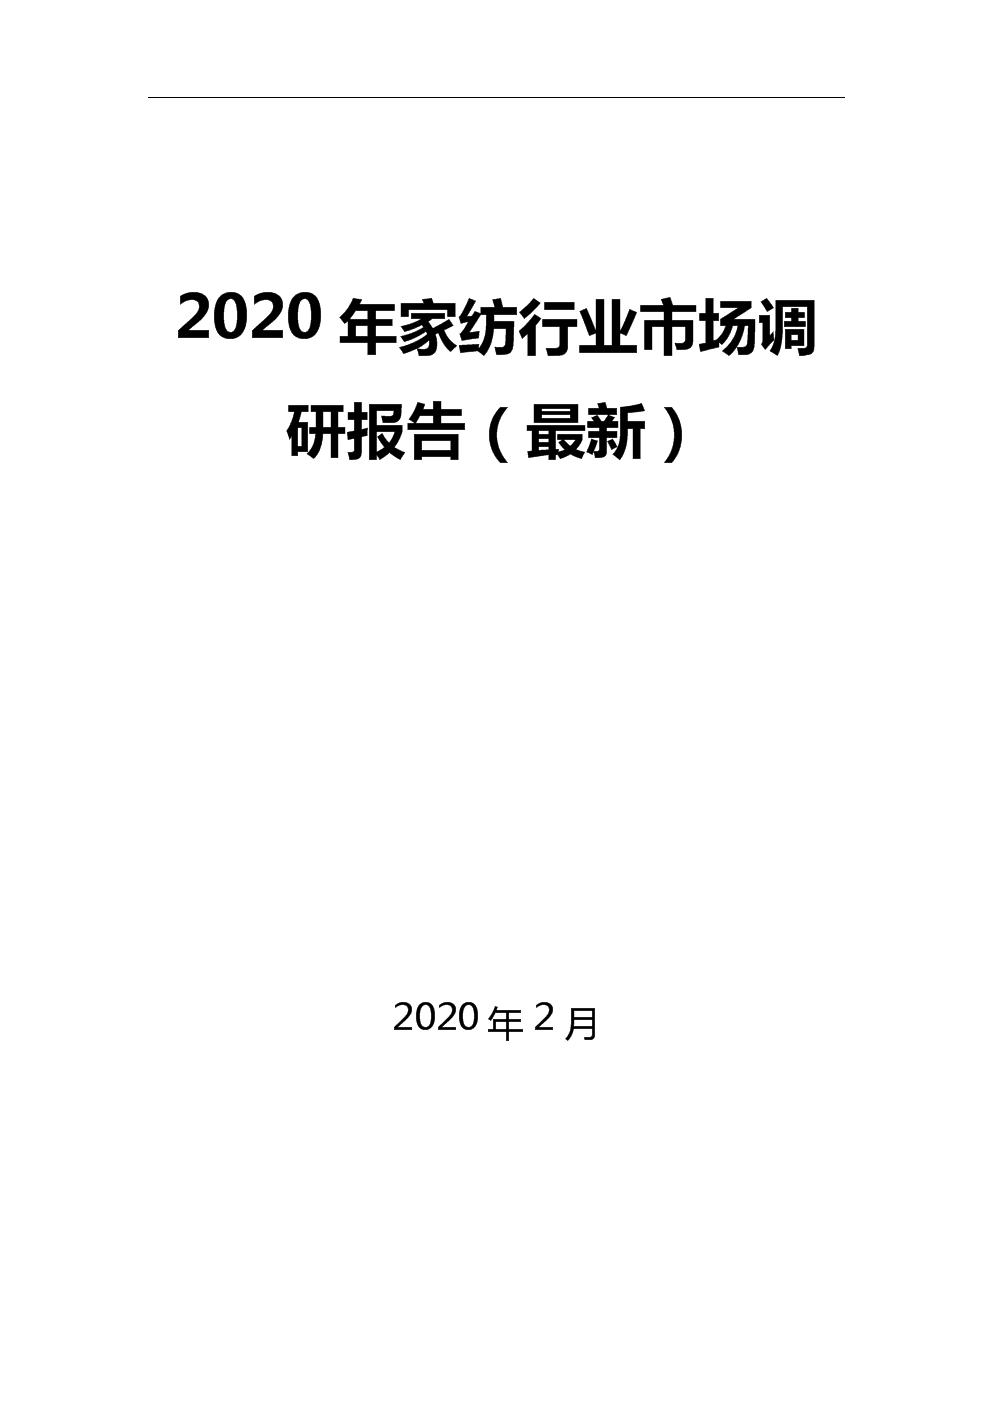 2020年家纺行业市场调研报告(最新).docx